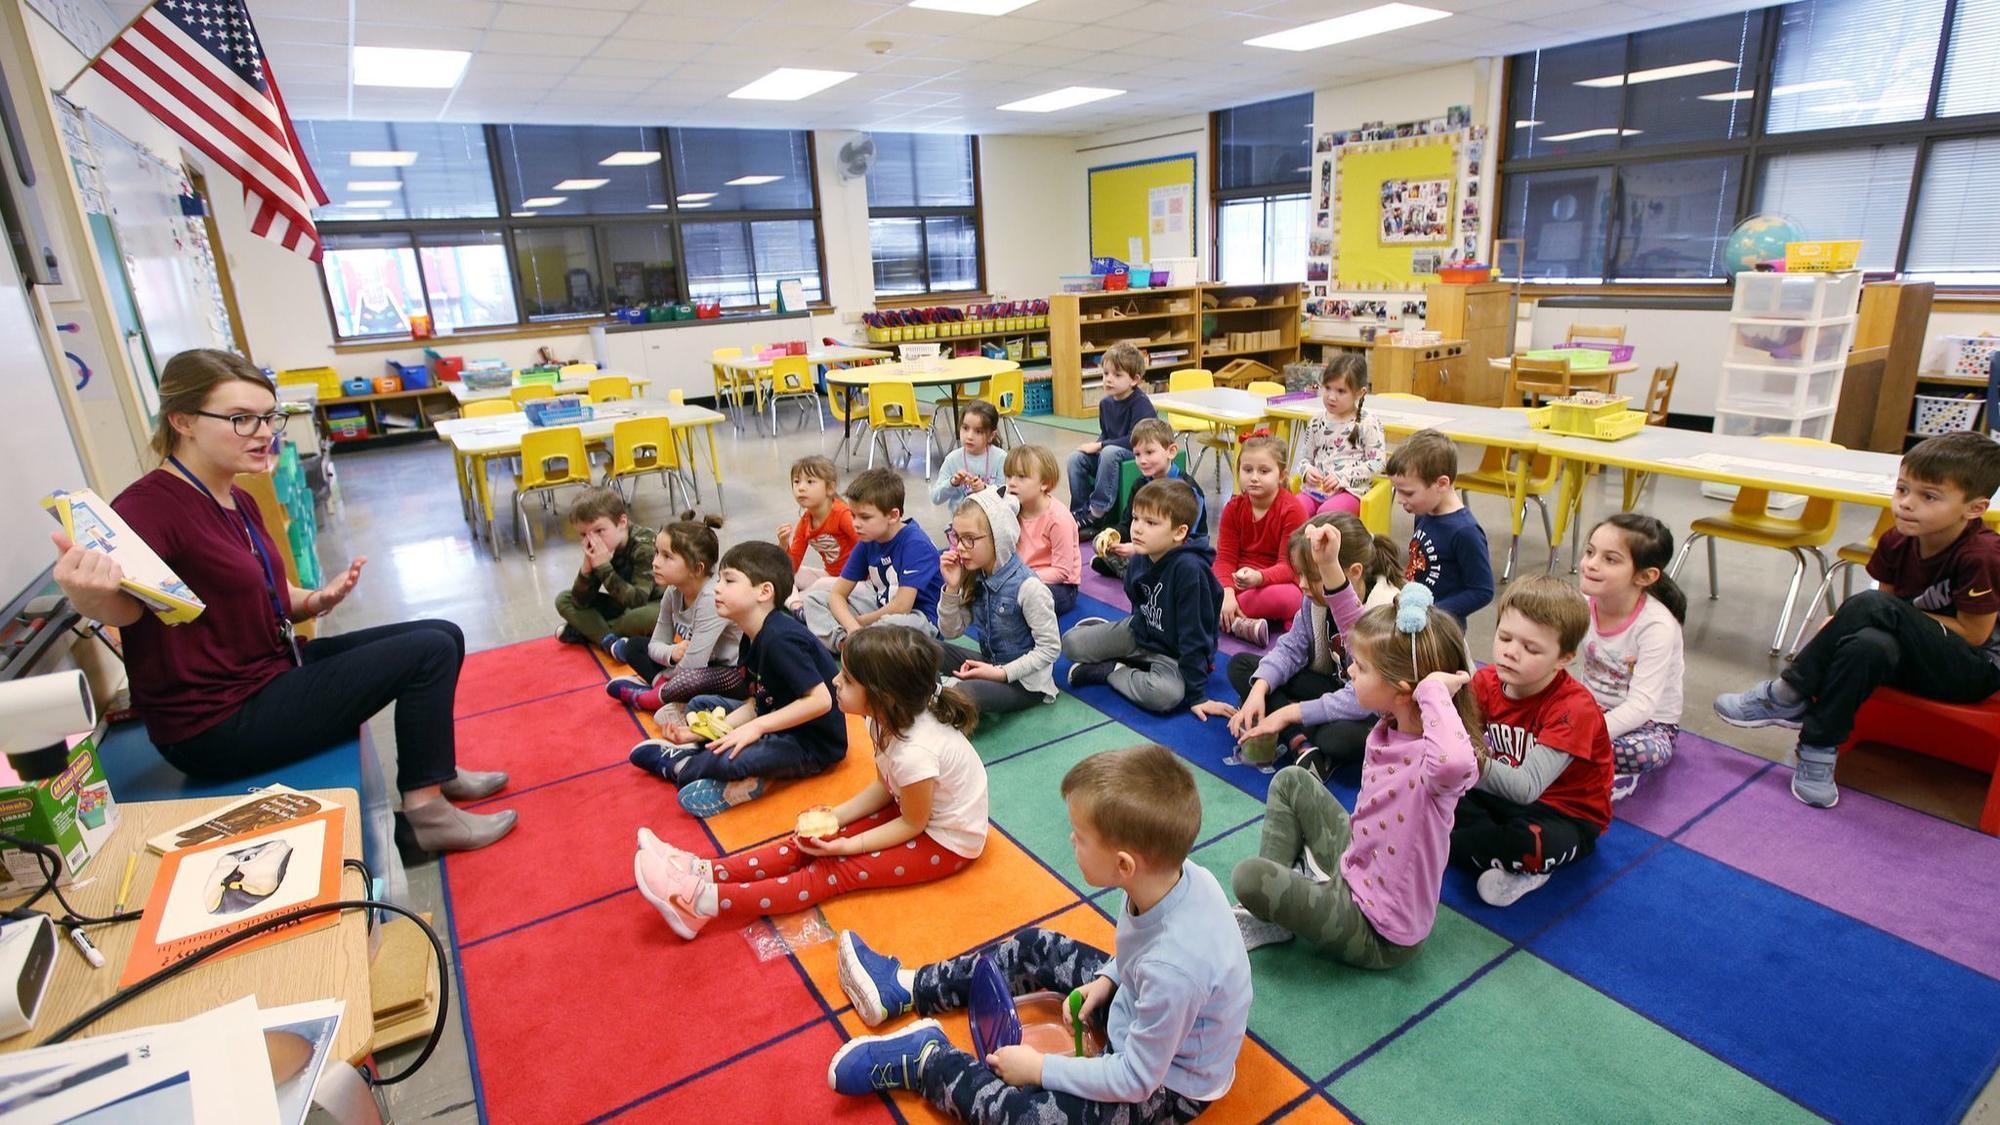 ct wml wilmette kindergarten enrichment tl 0124 - Registering For Kindergarten